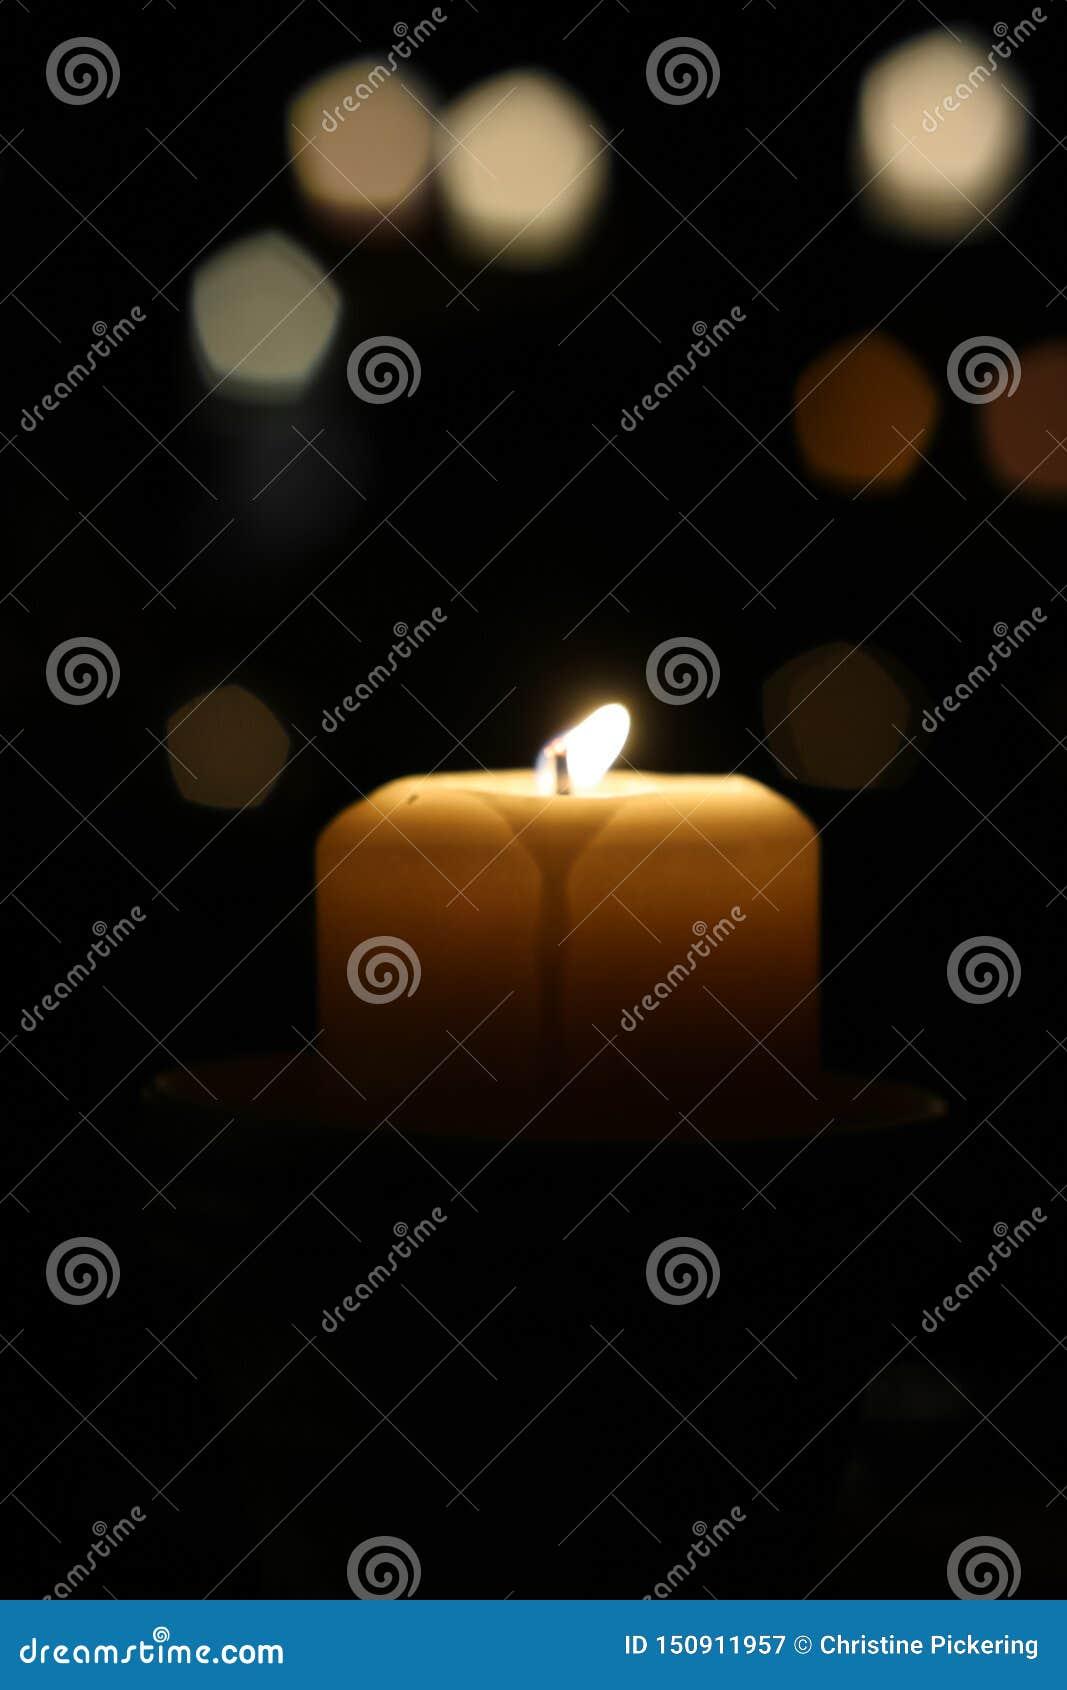 Eine Kerze flackert hell auf einer dunklen Nacht